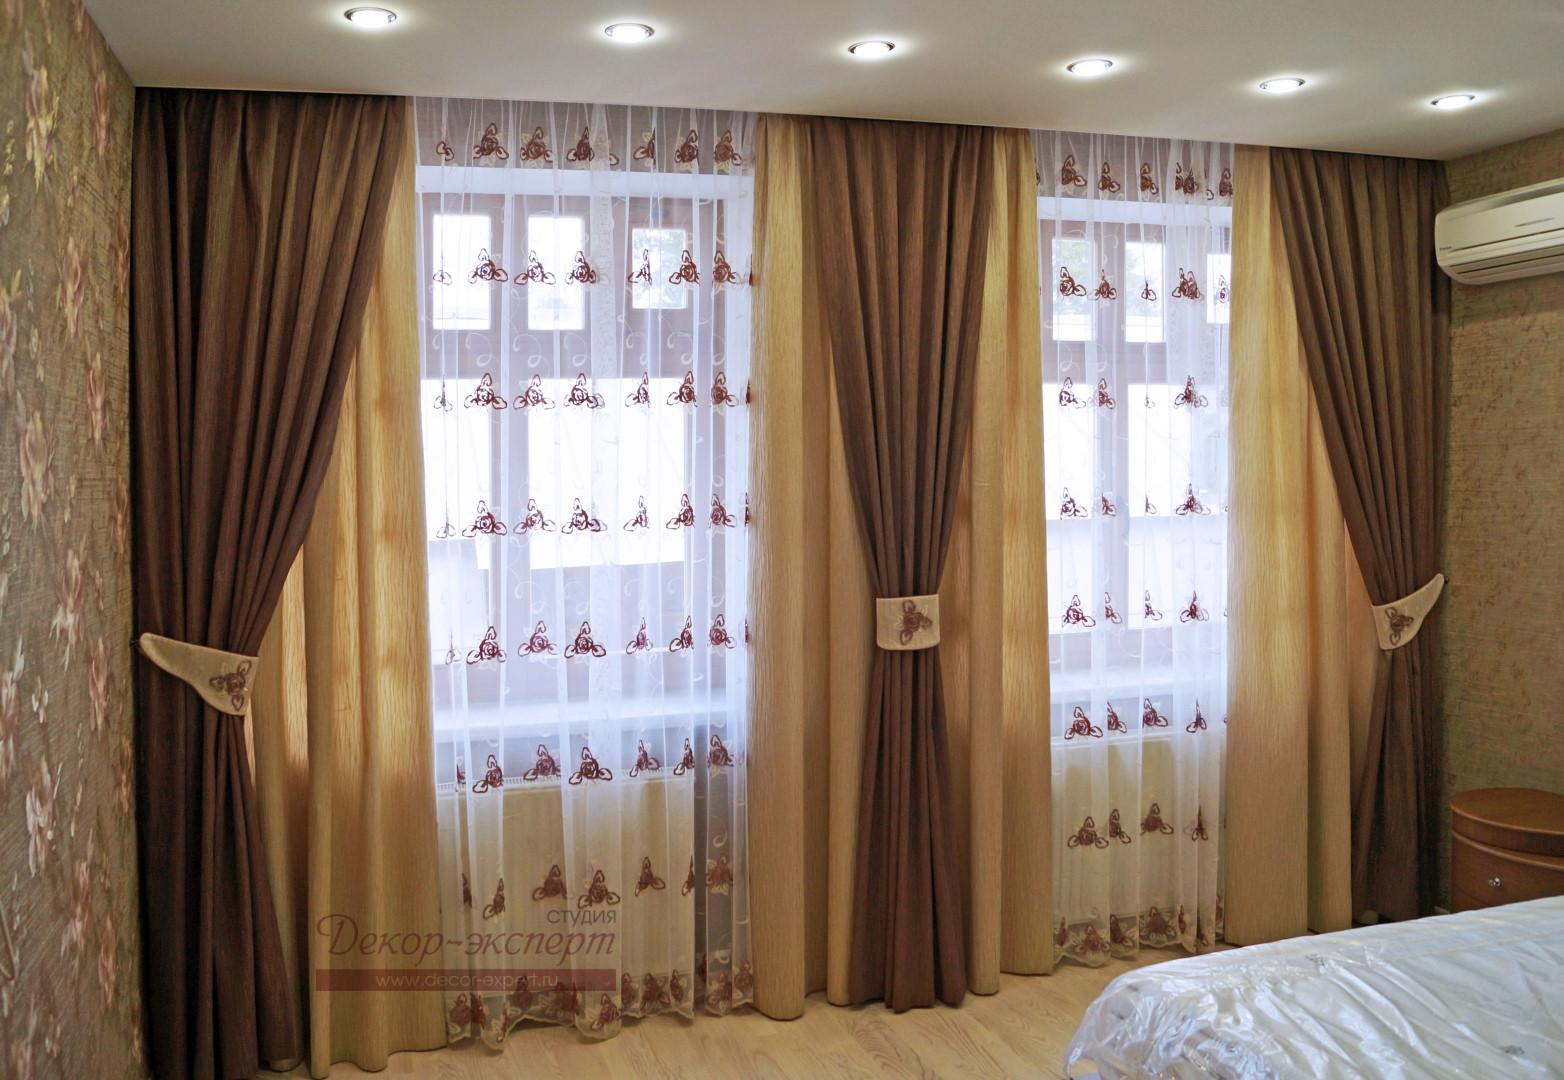 Вид слева на новые портьеры с подшторниками в спальне.